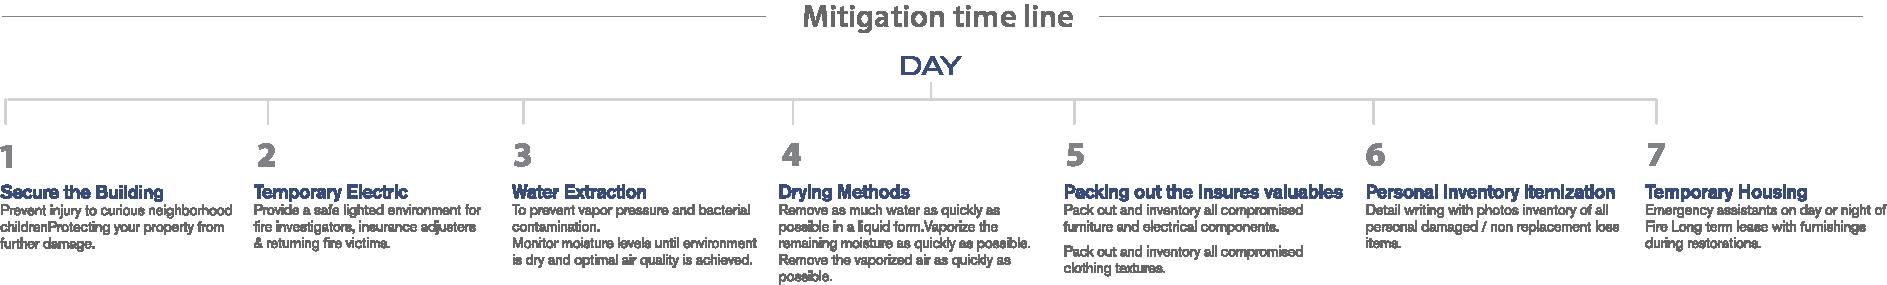 Mitigation-Timeline